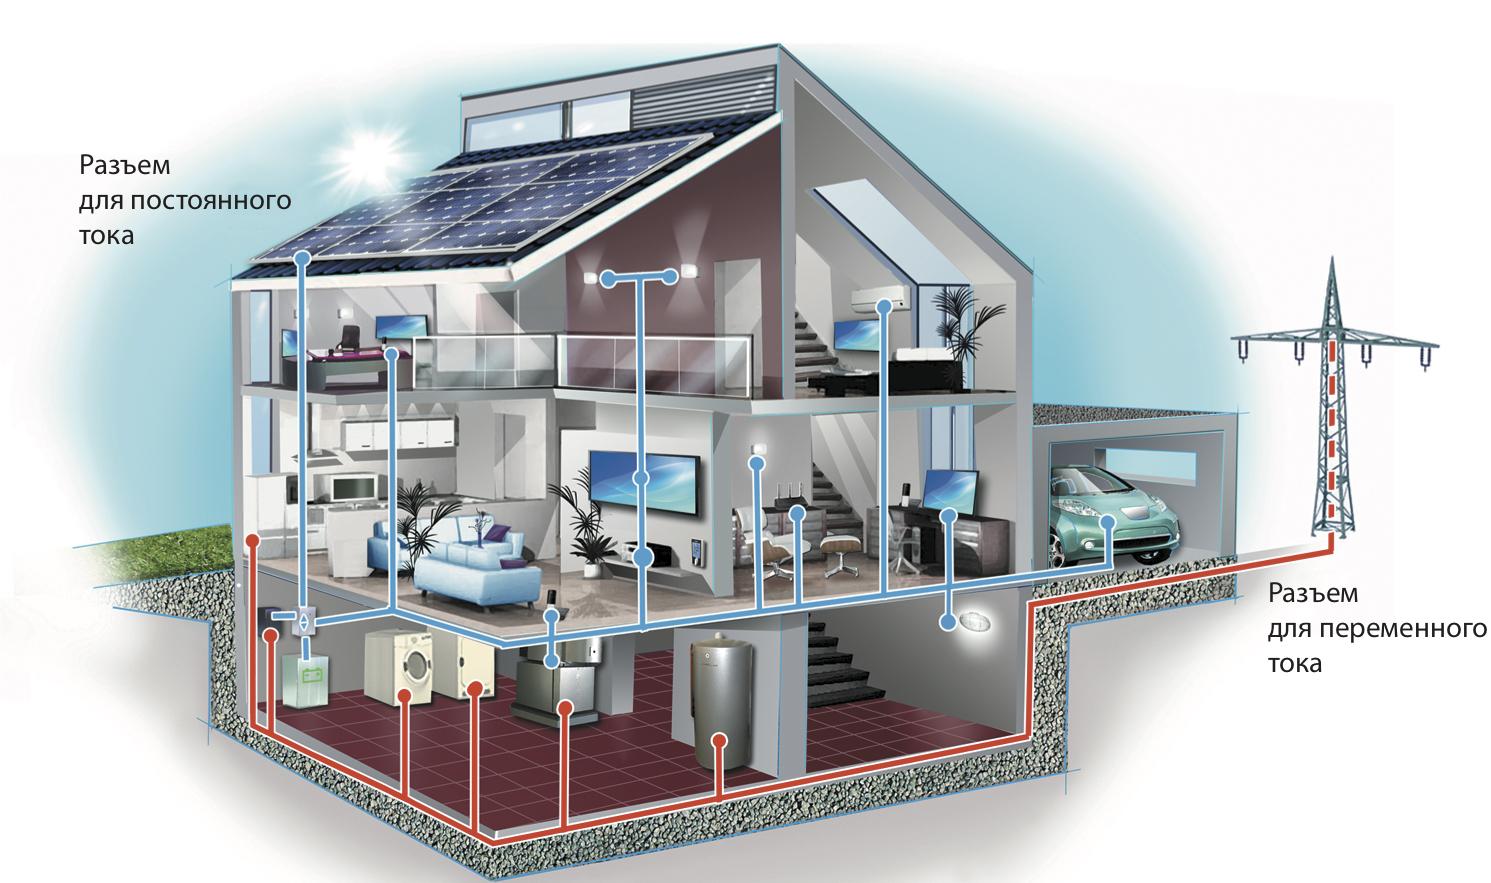 Внутридомовая система разводки для постоянного тока